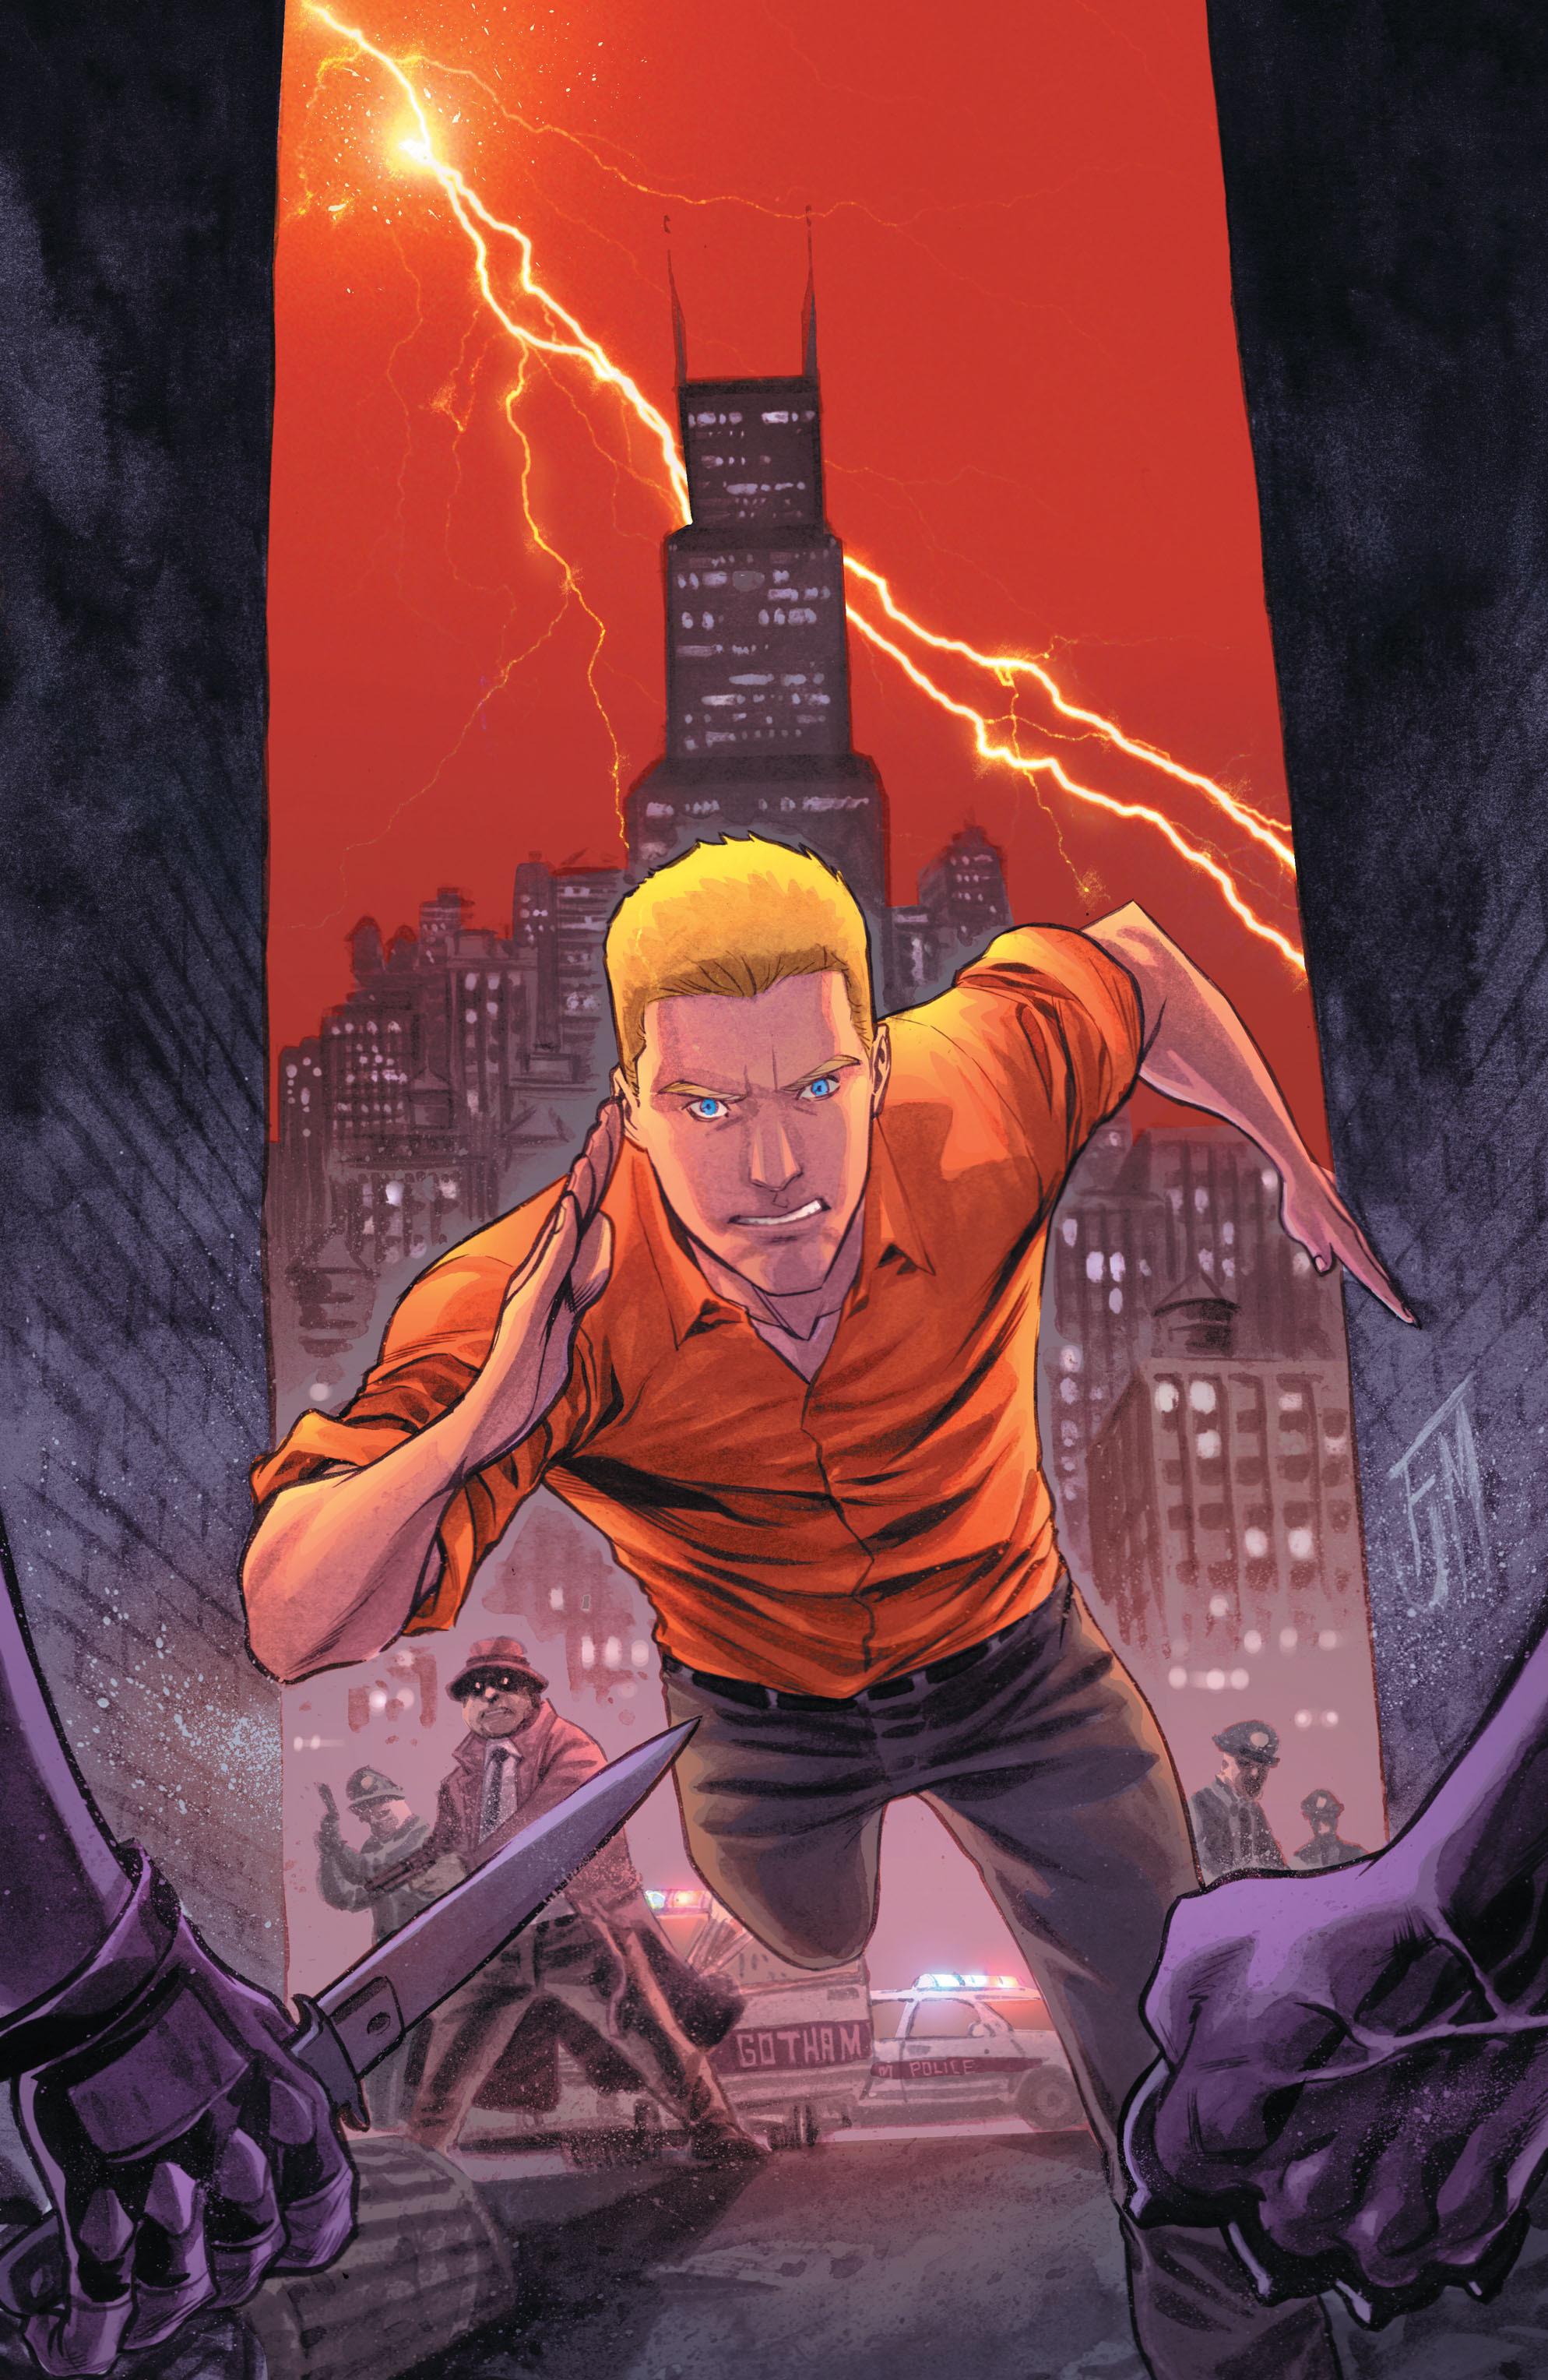 DC Comics: Zero Year chap tpb pic 255